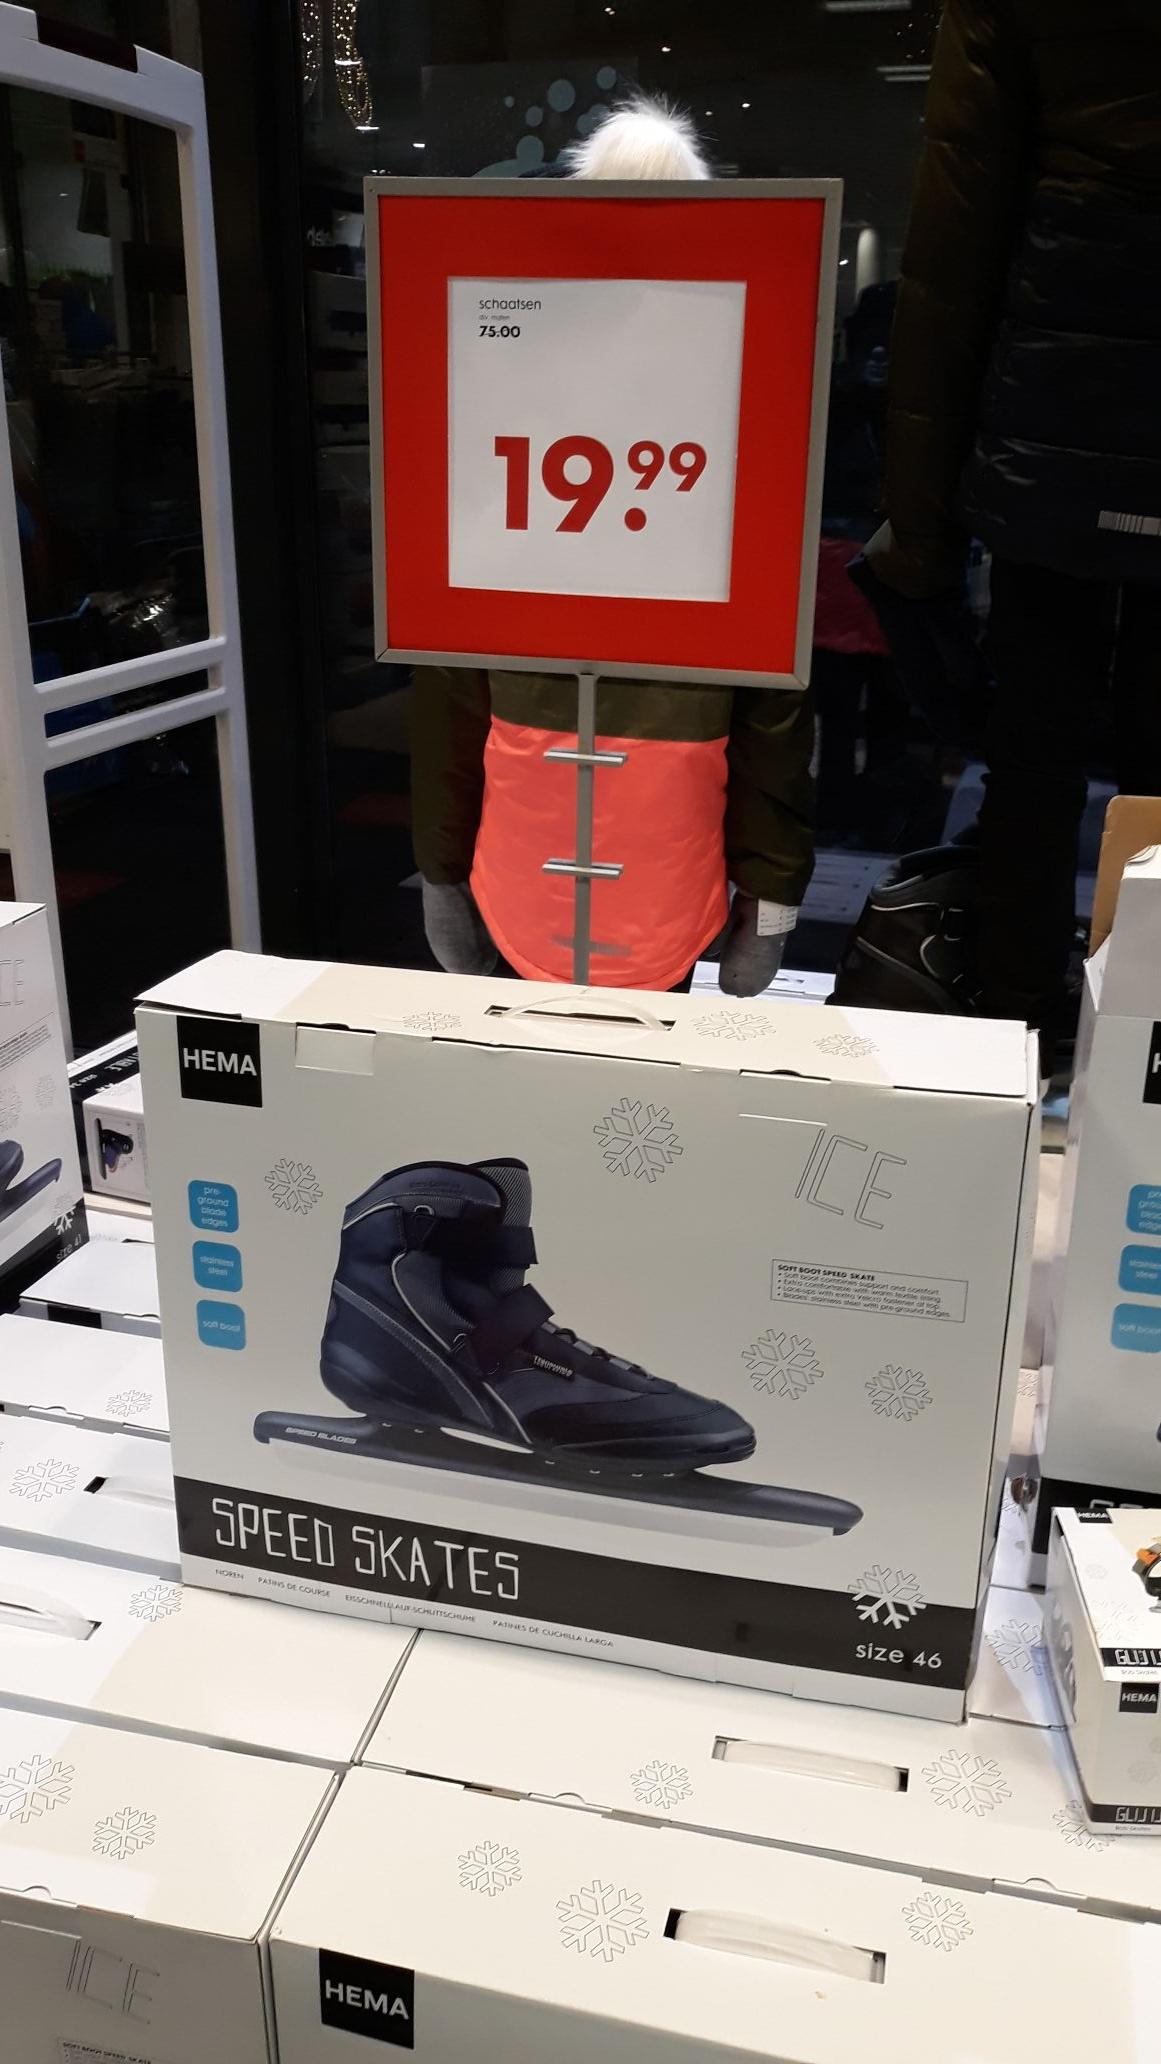 Hema noren, schaatsen €19,99 (lokaal?)